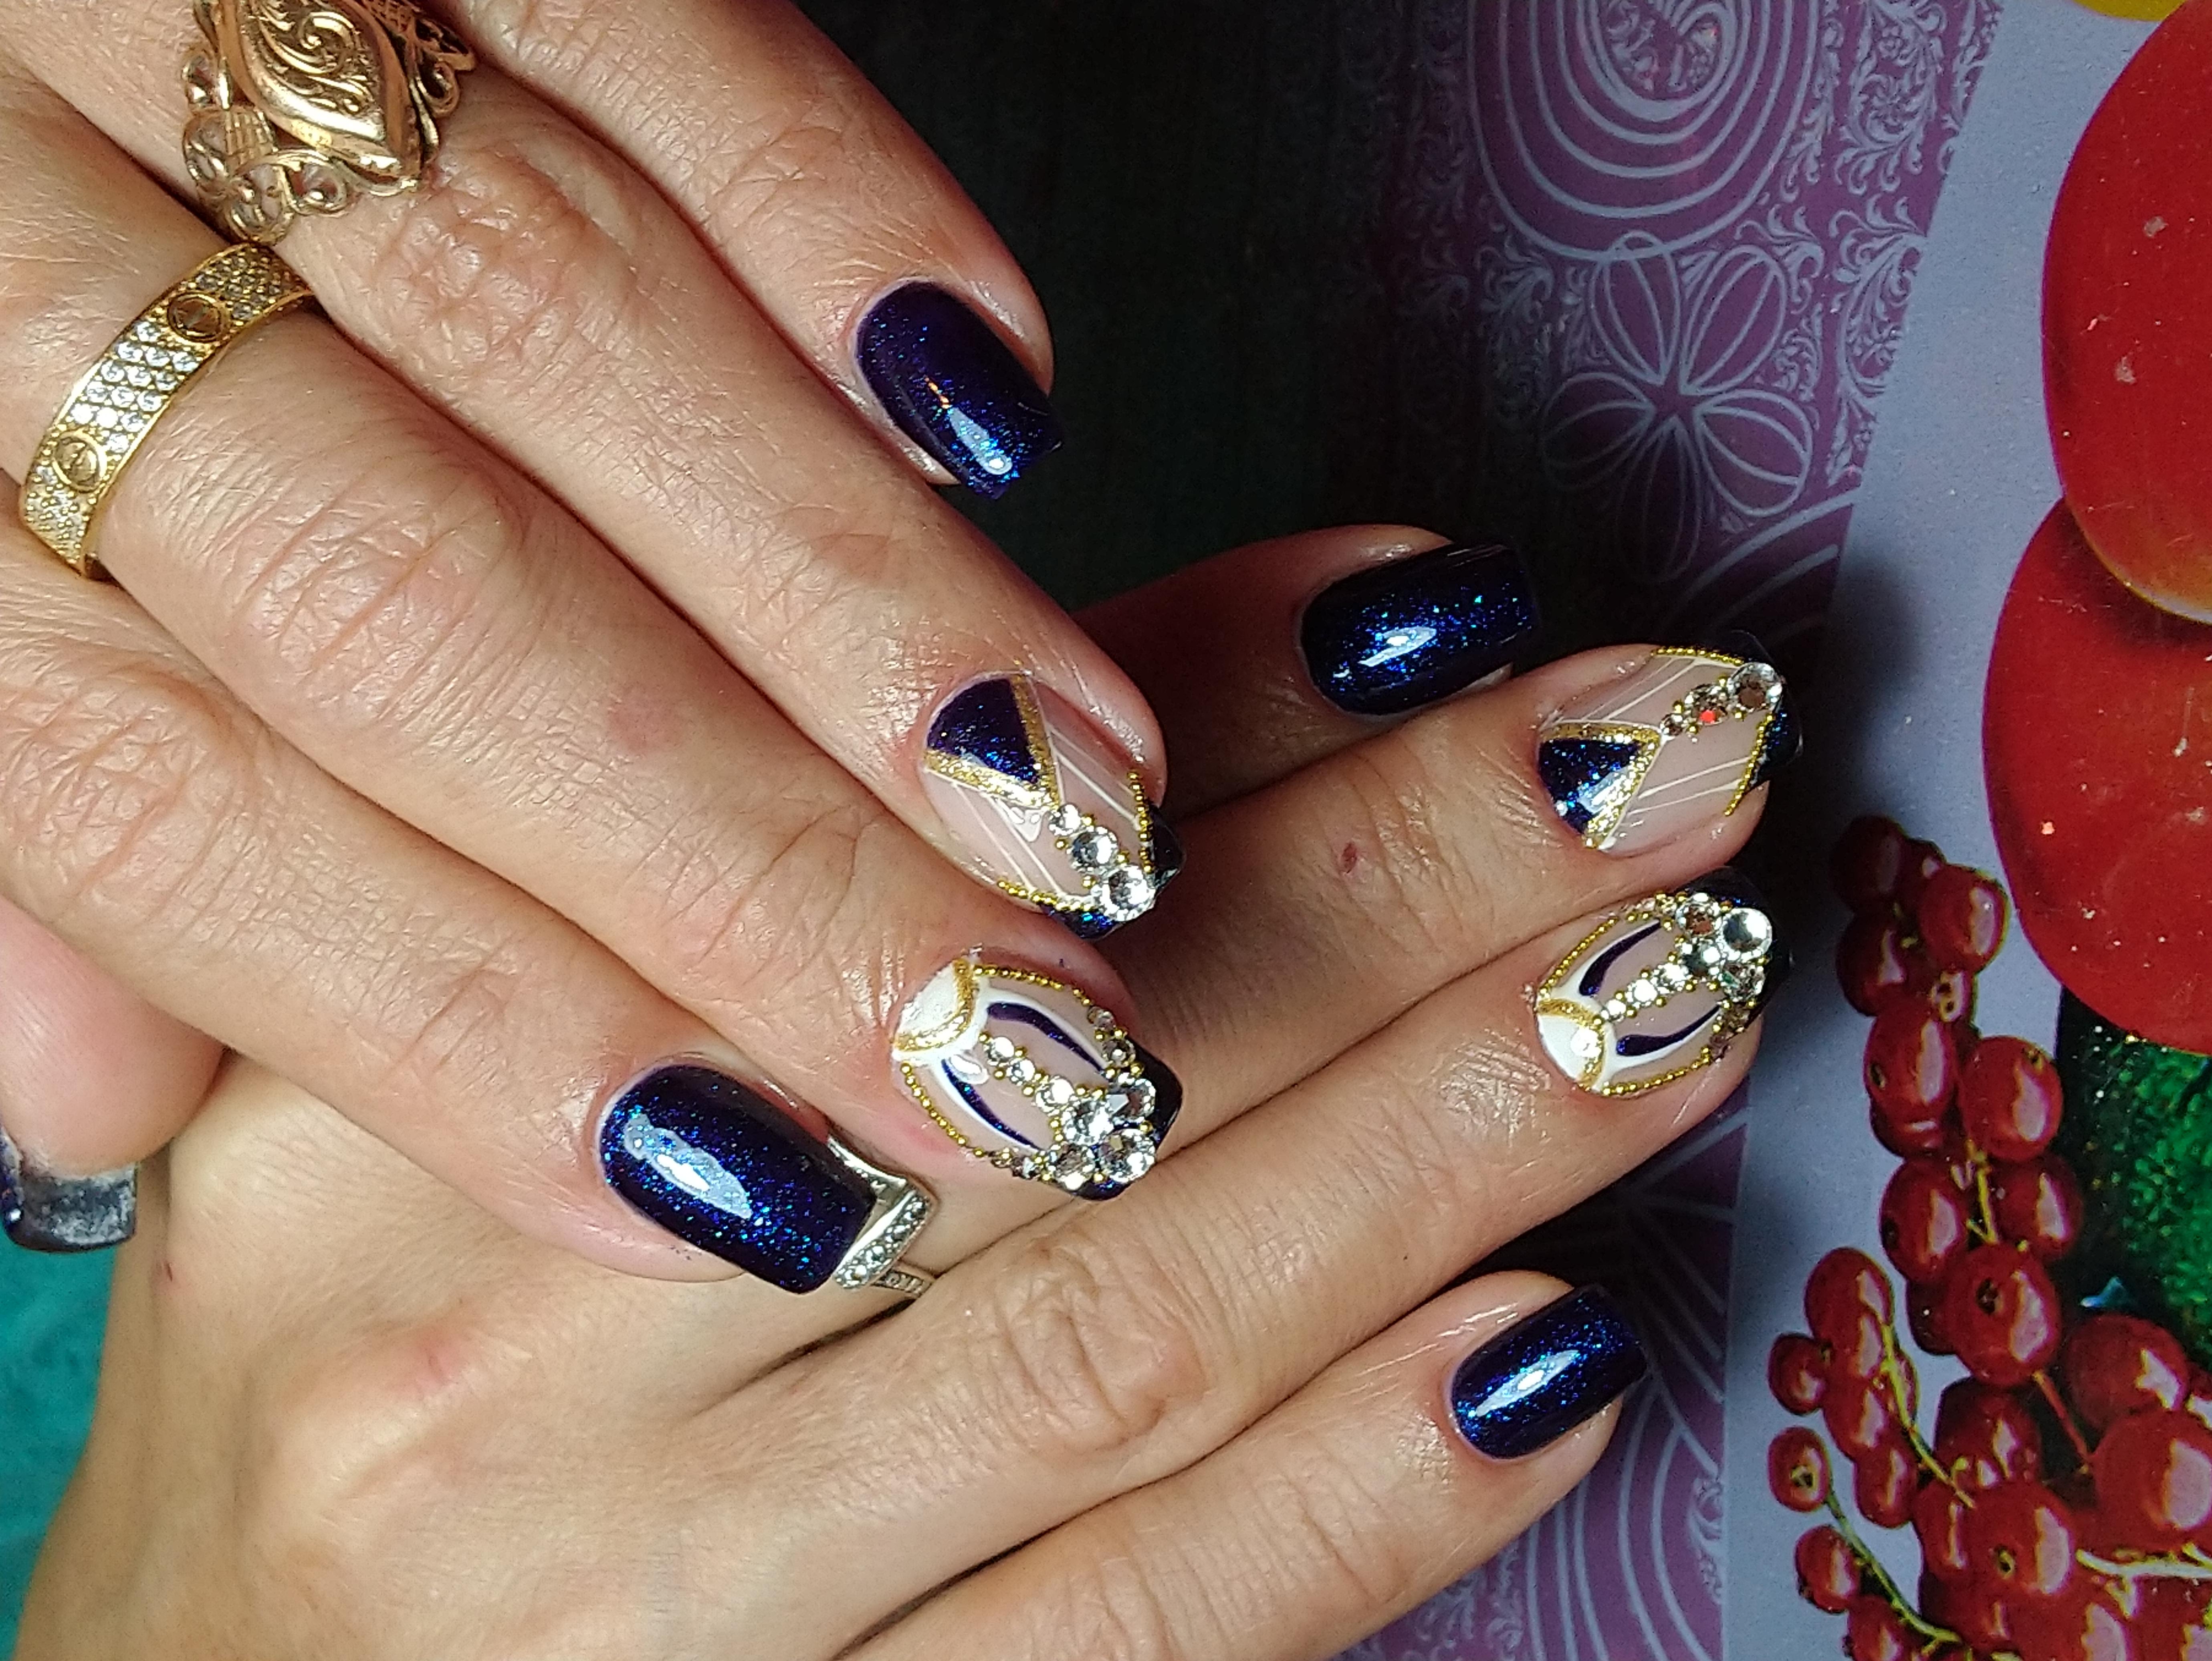 Маникюр в тёмно-синем цвете с нюдовым дизайном, геометрическим рисунком и стразами.